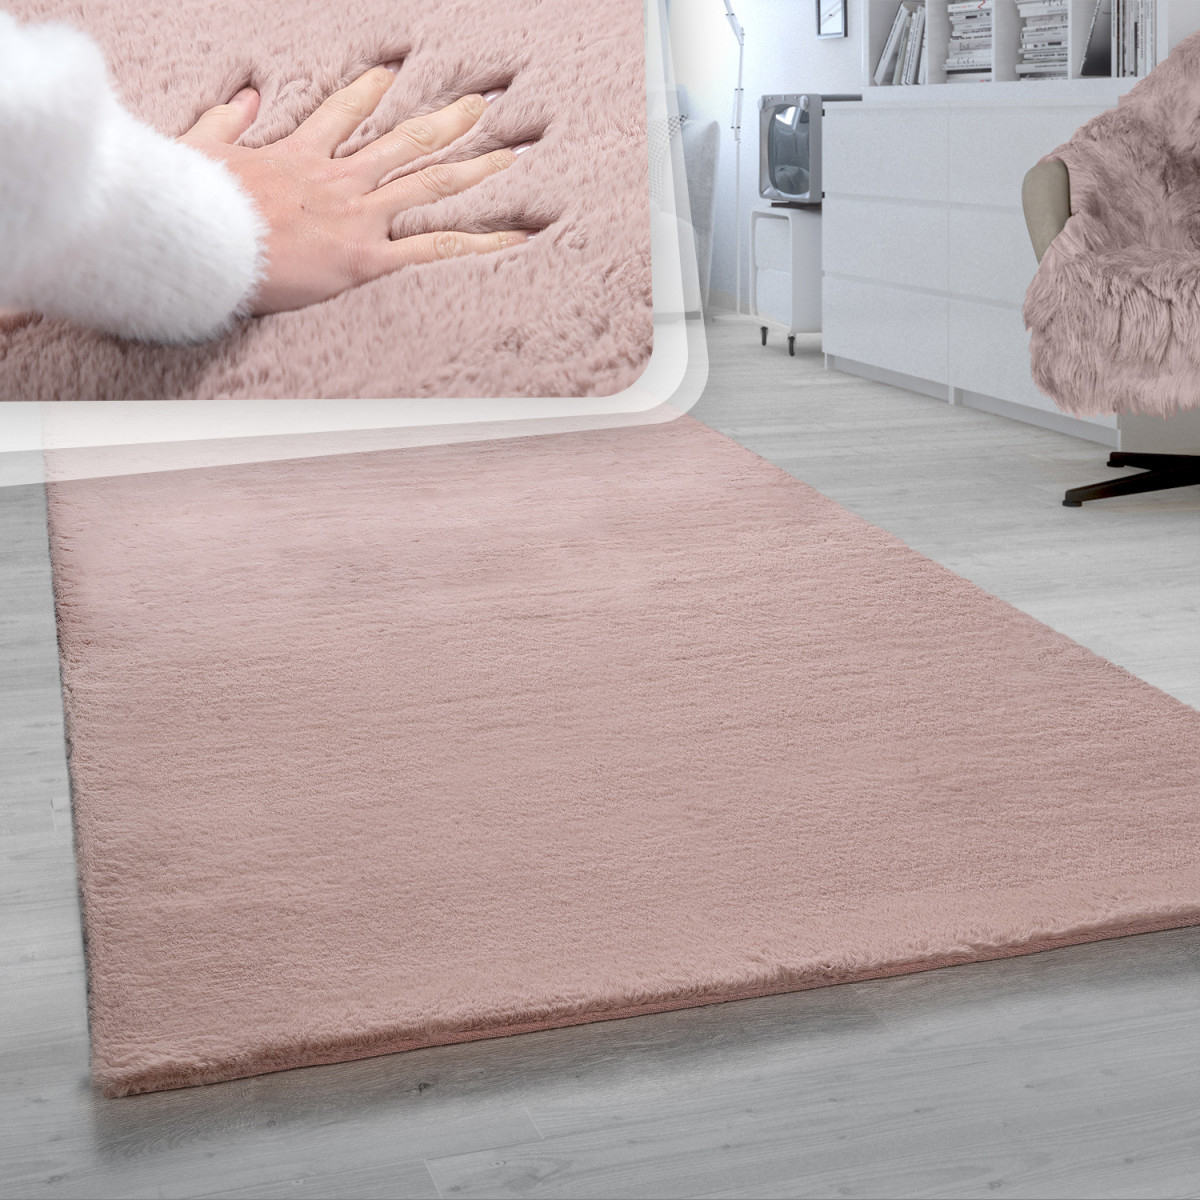 Details Zu Shaggy Teppich Wohnzimmer Rosa Pink Schlafzimmer Hochflor Fell  Kuschelig Weich von Rosa Teppich Wohnzimmer Bild